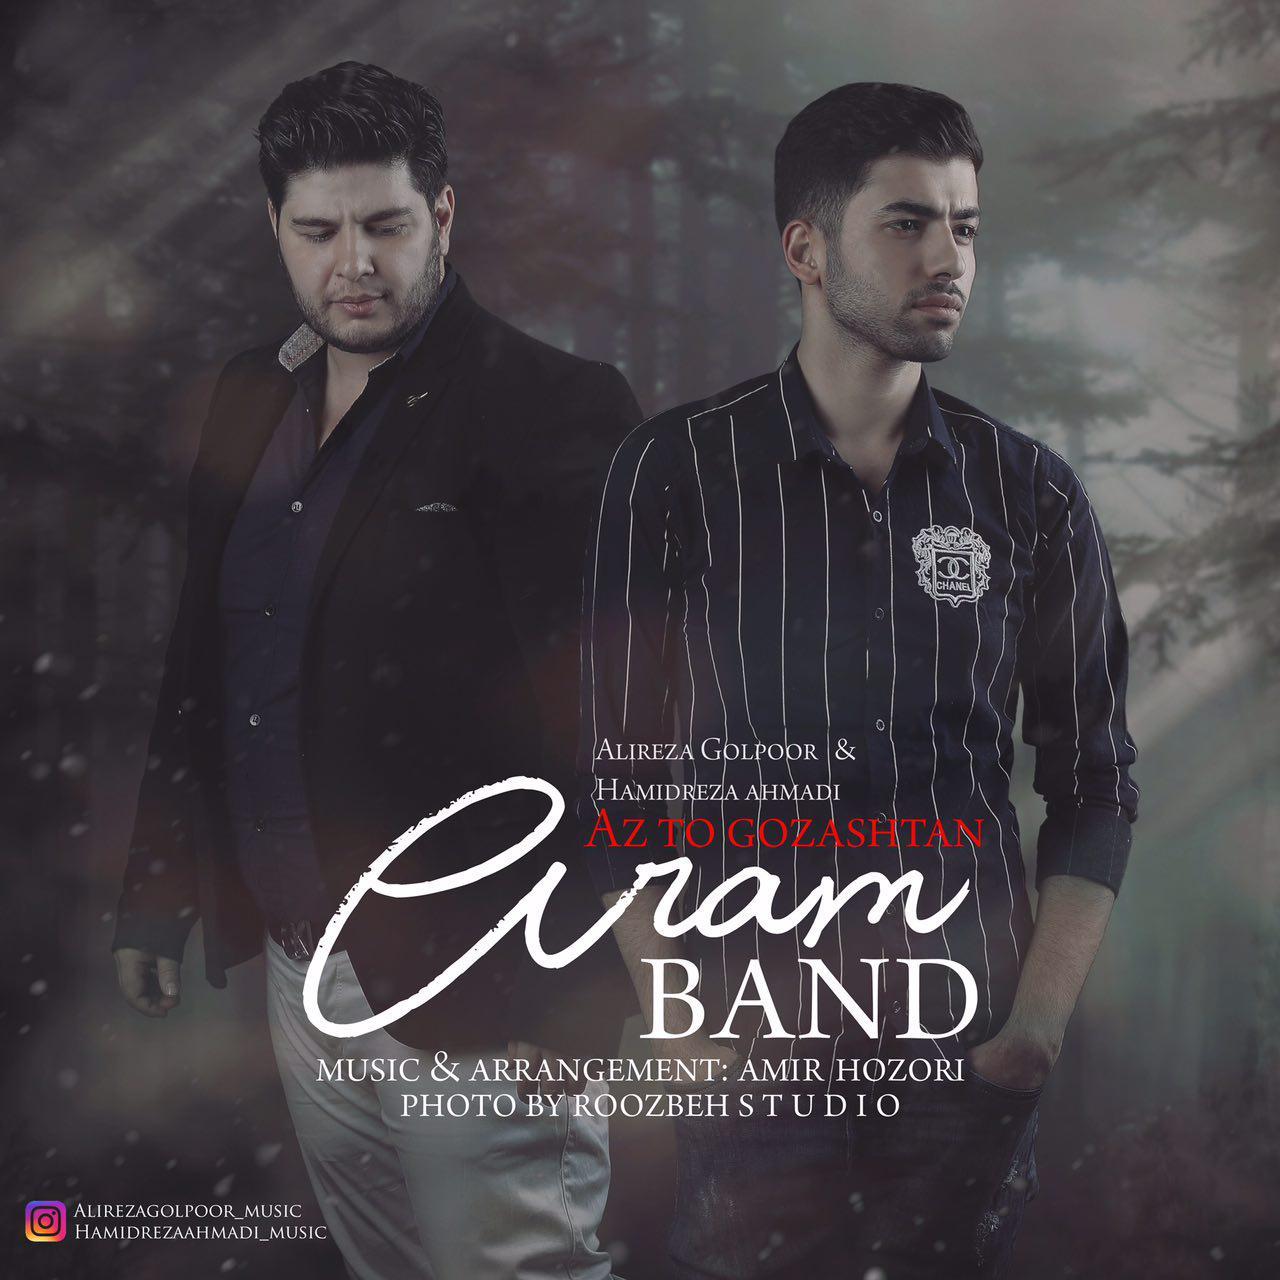 Aram Band – Az To Gozashtan